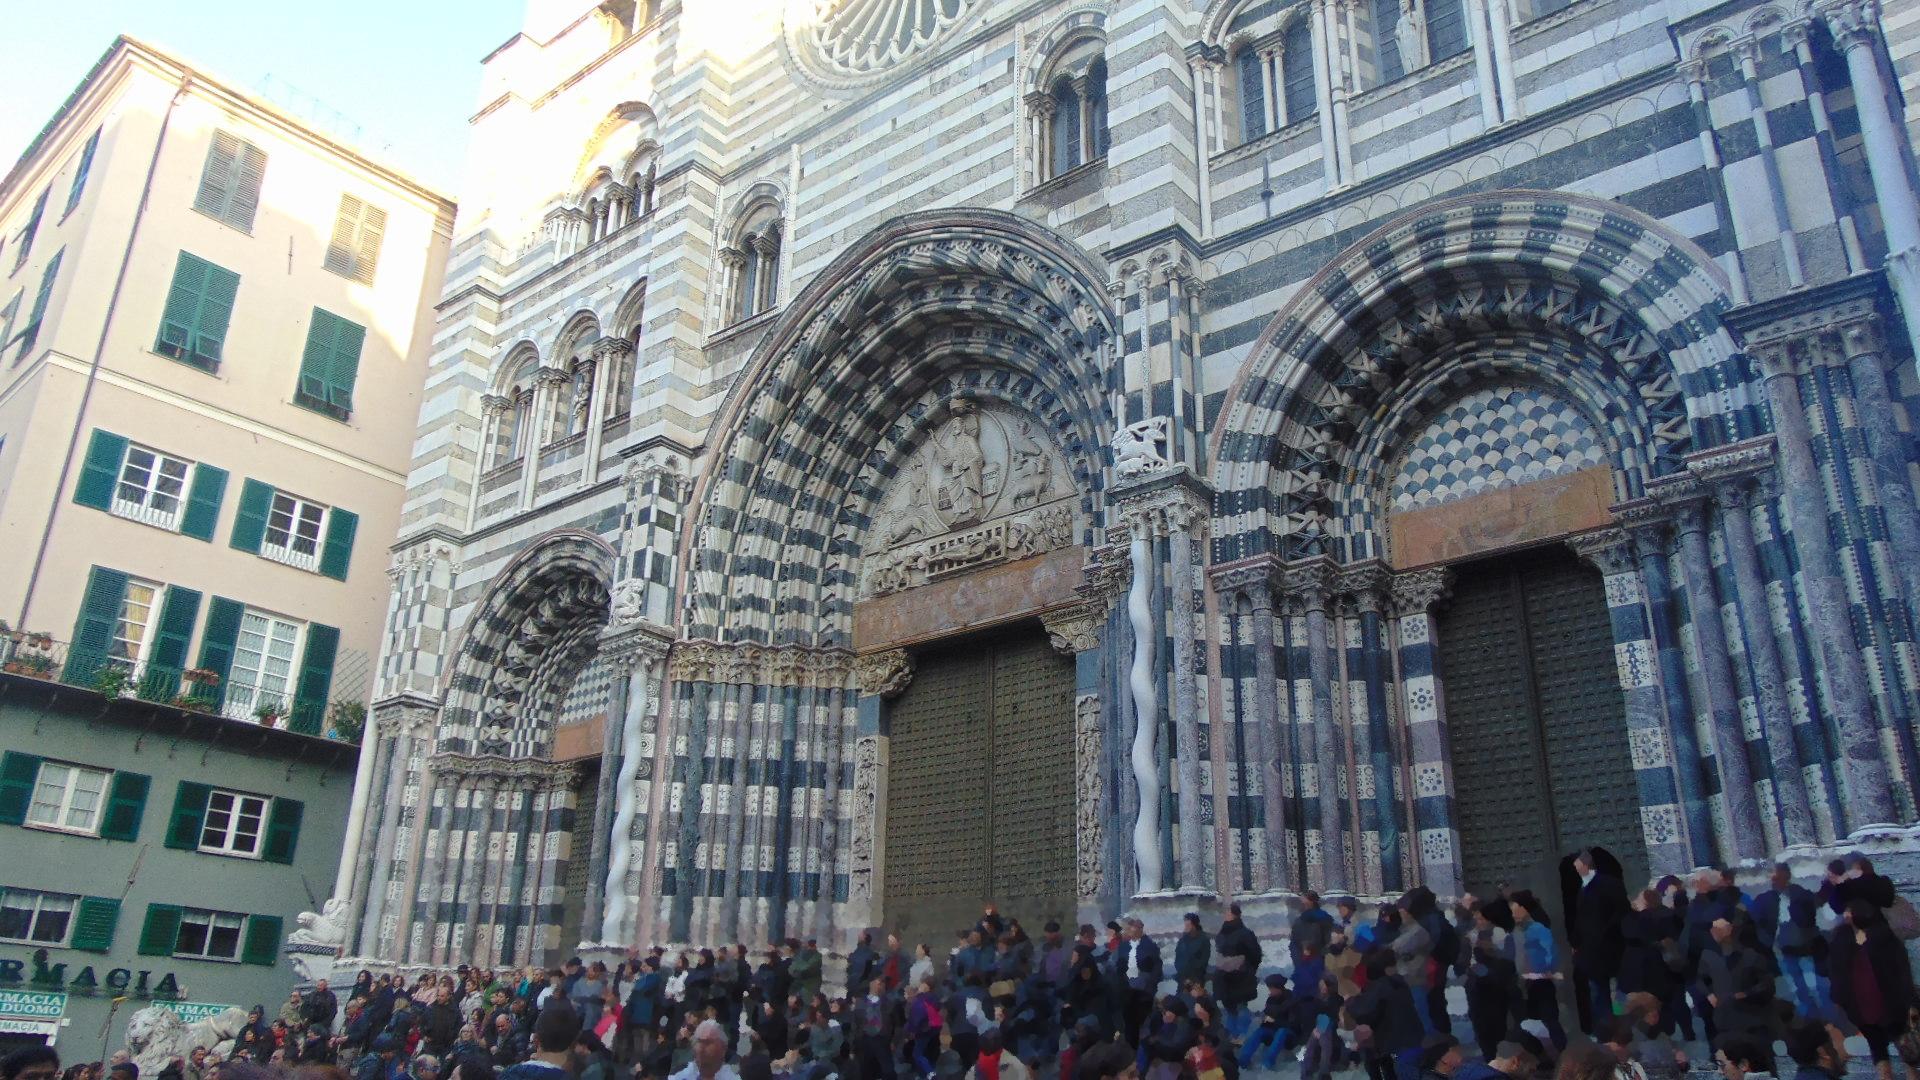 La Cattedrale di san Lorenzo - 27